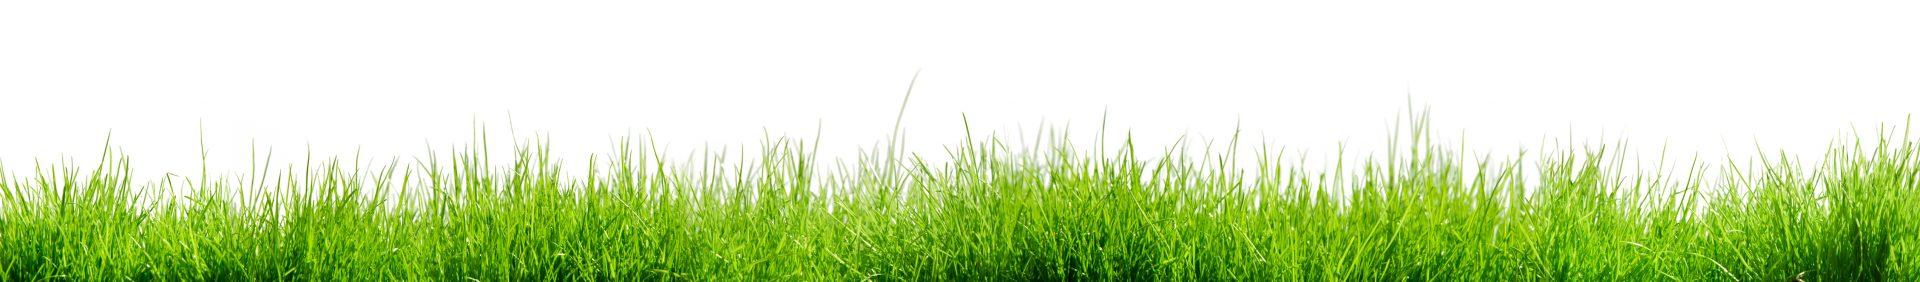 Gstoettenmeier Rasen - Footer